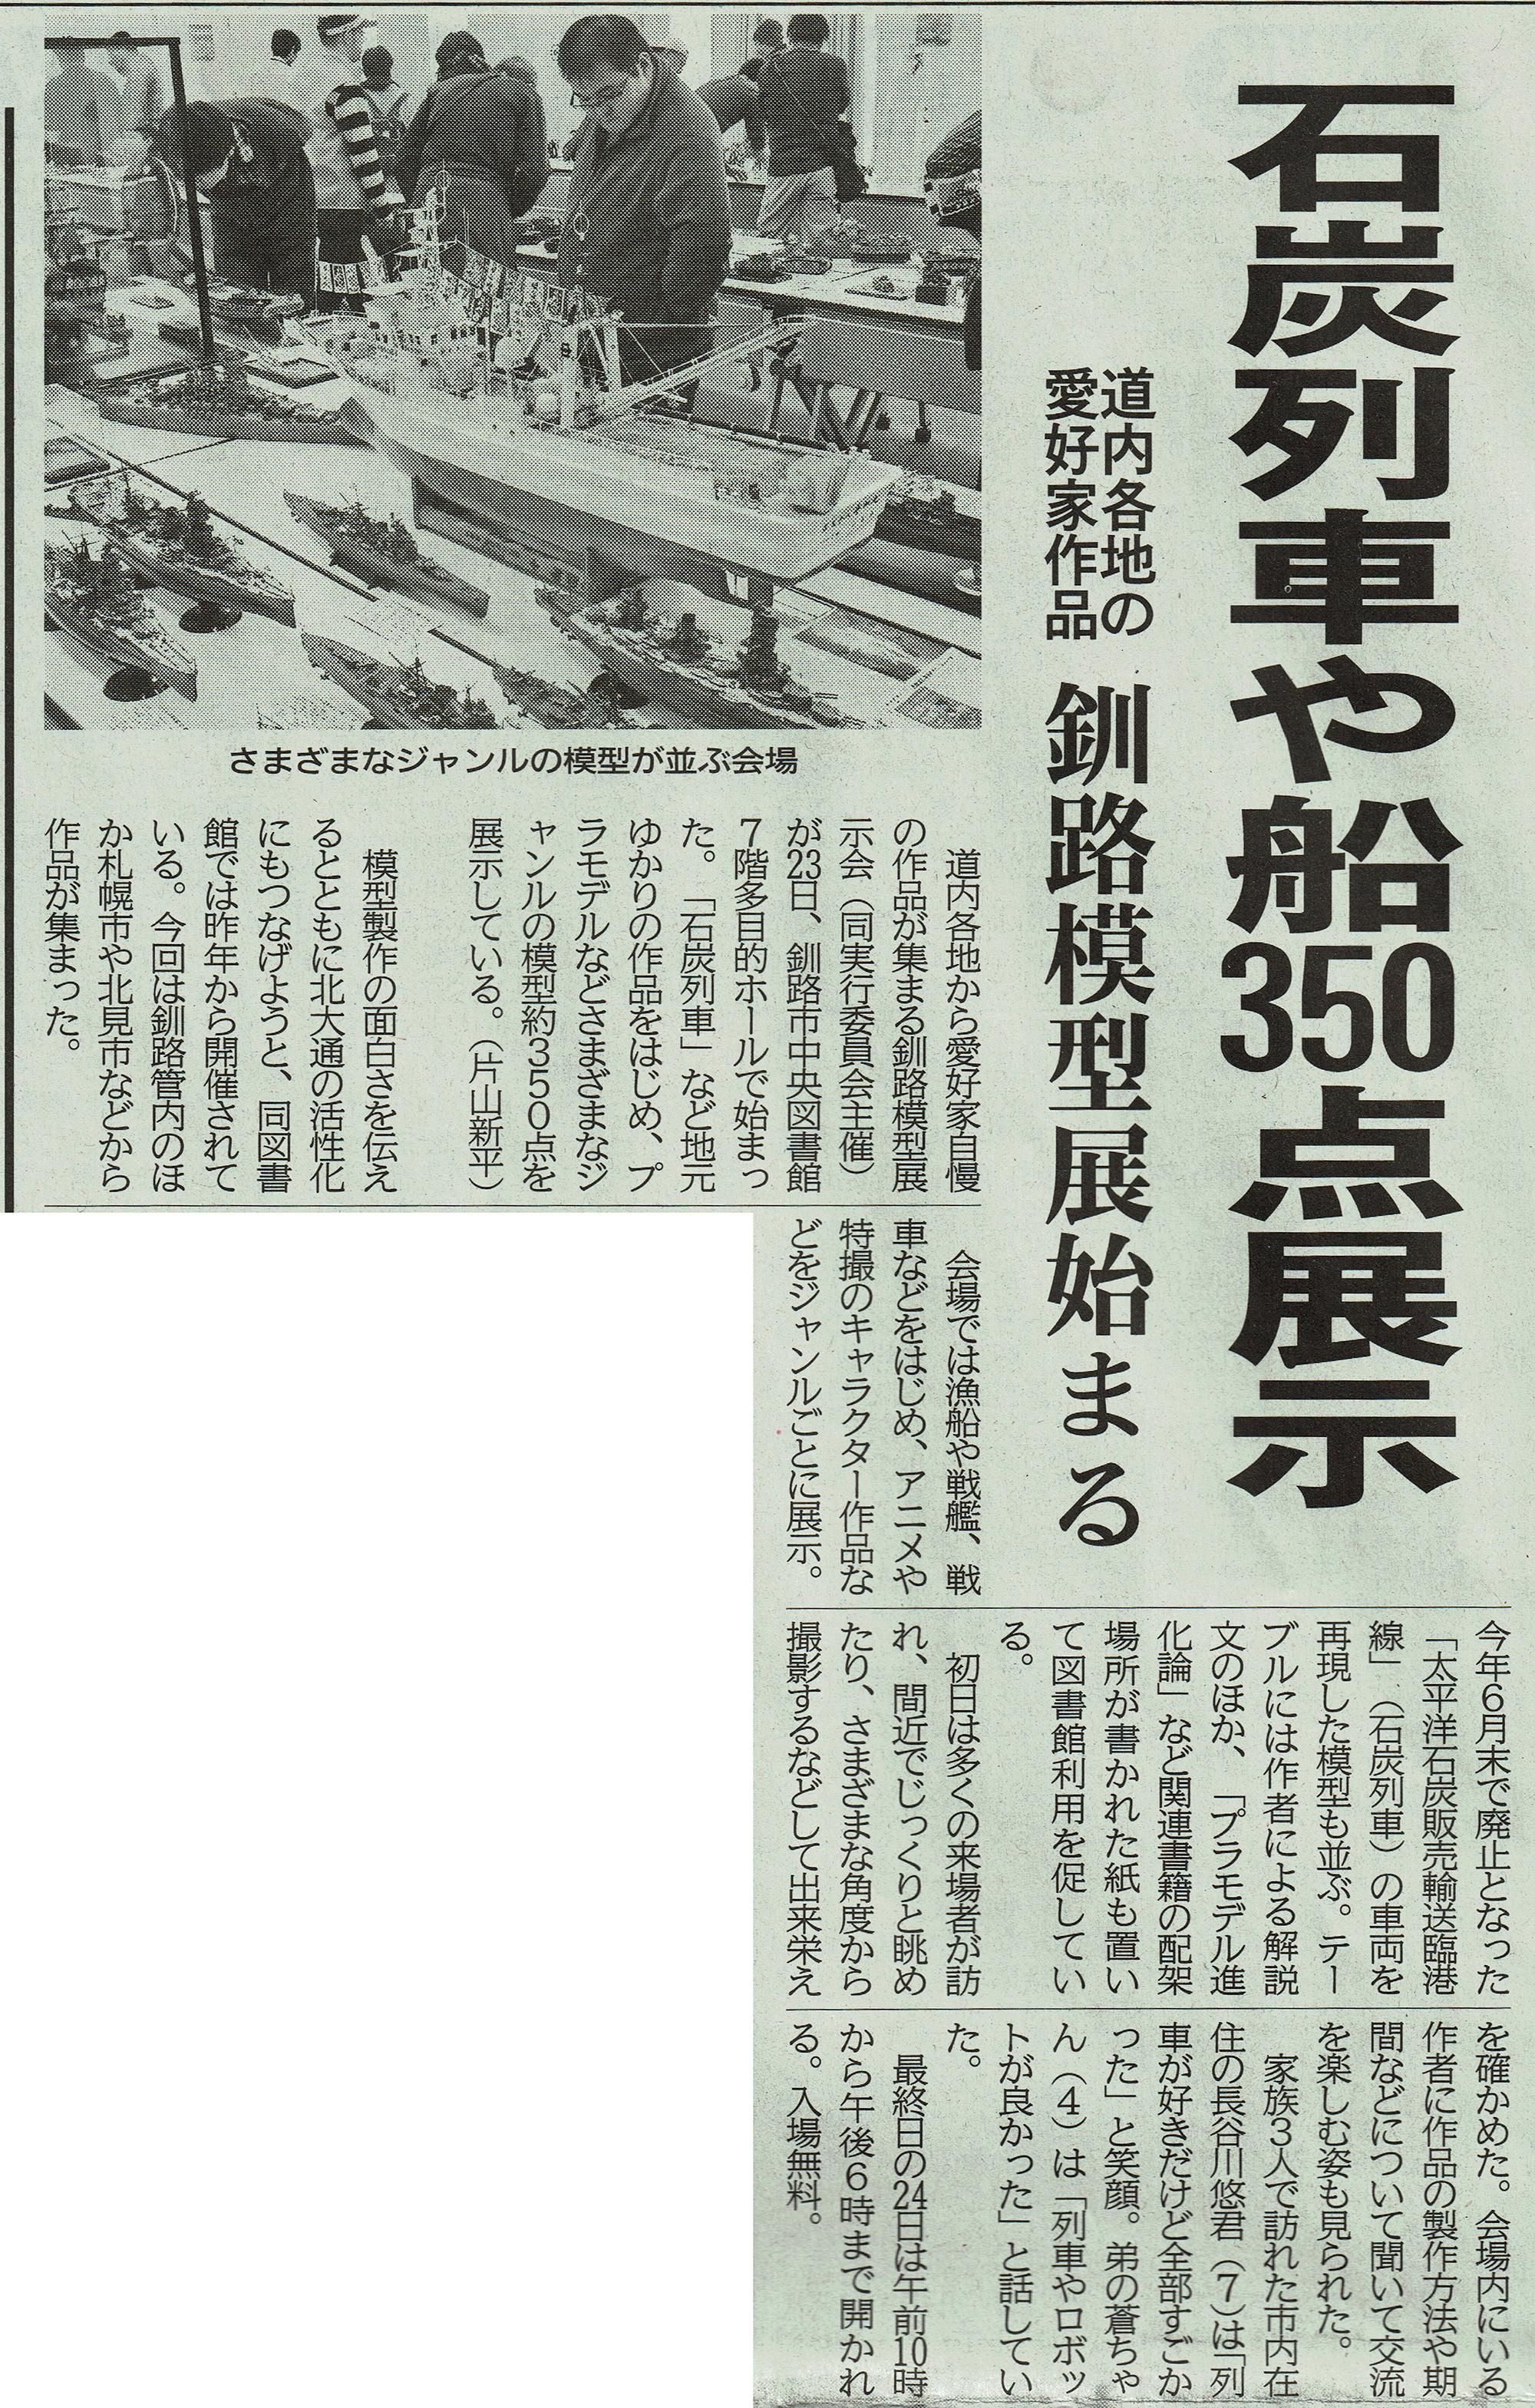 2019-11-24釧路新聞